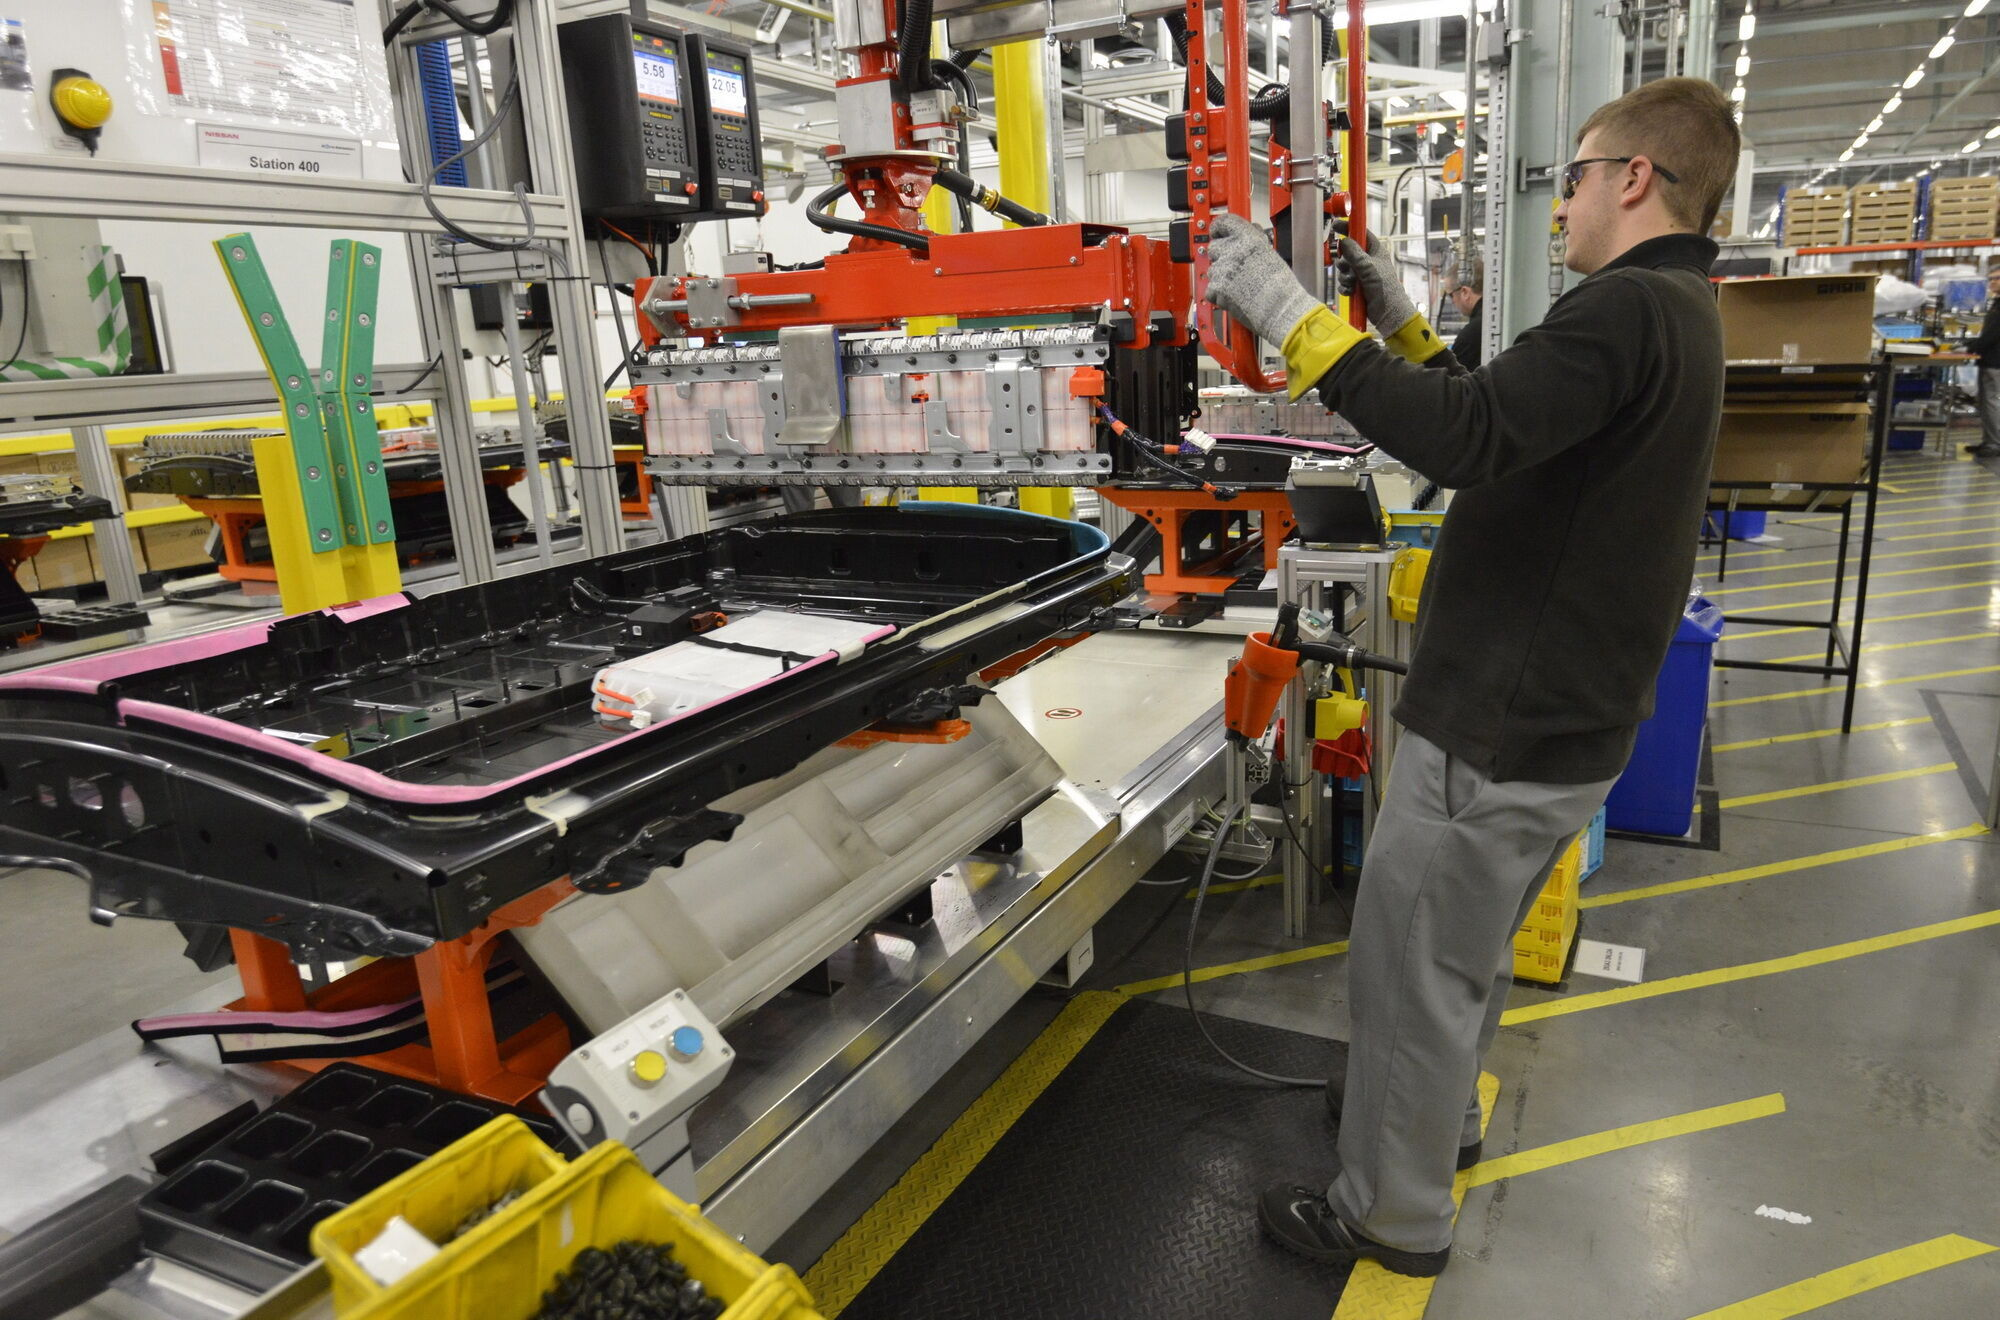 Майбутній акумуляторний завод у Сандерленді зможе виробляти 200 тисяч батарей щорічно